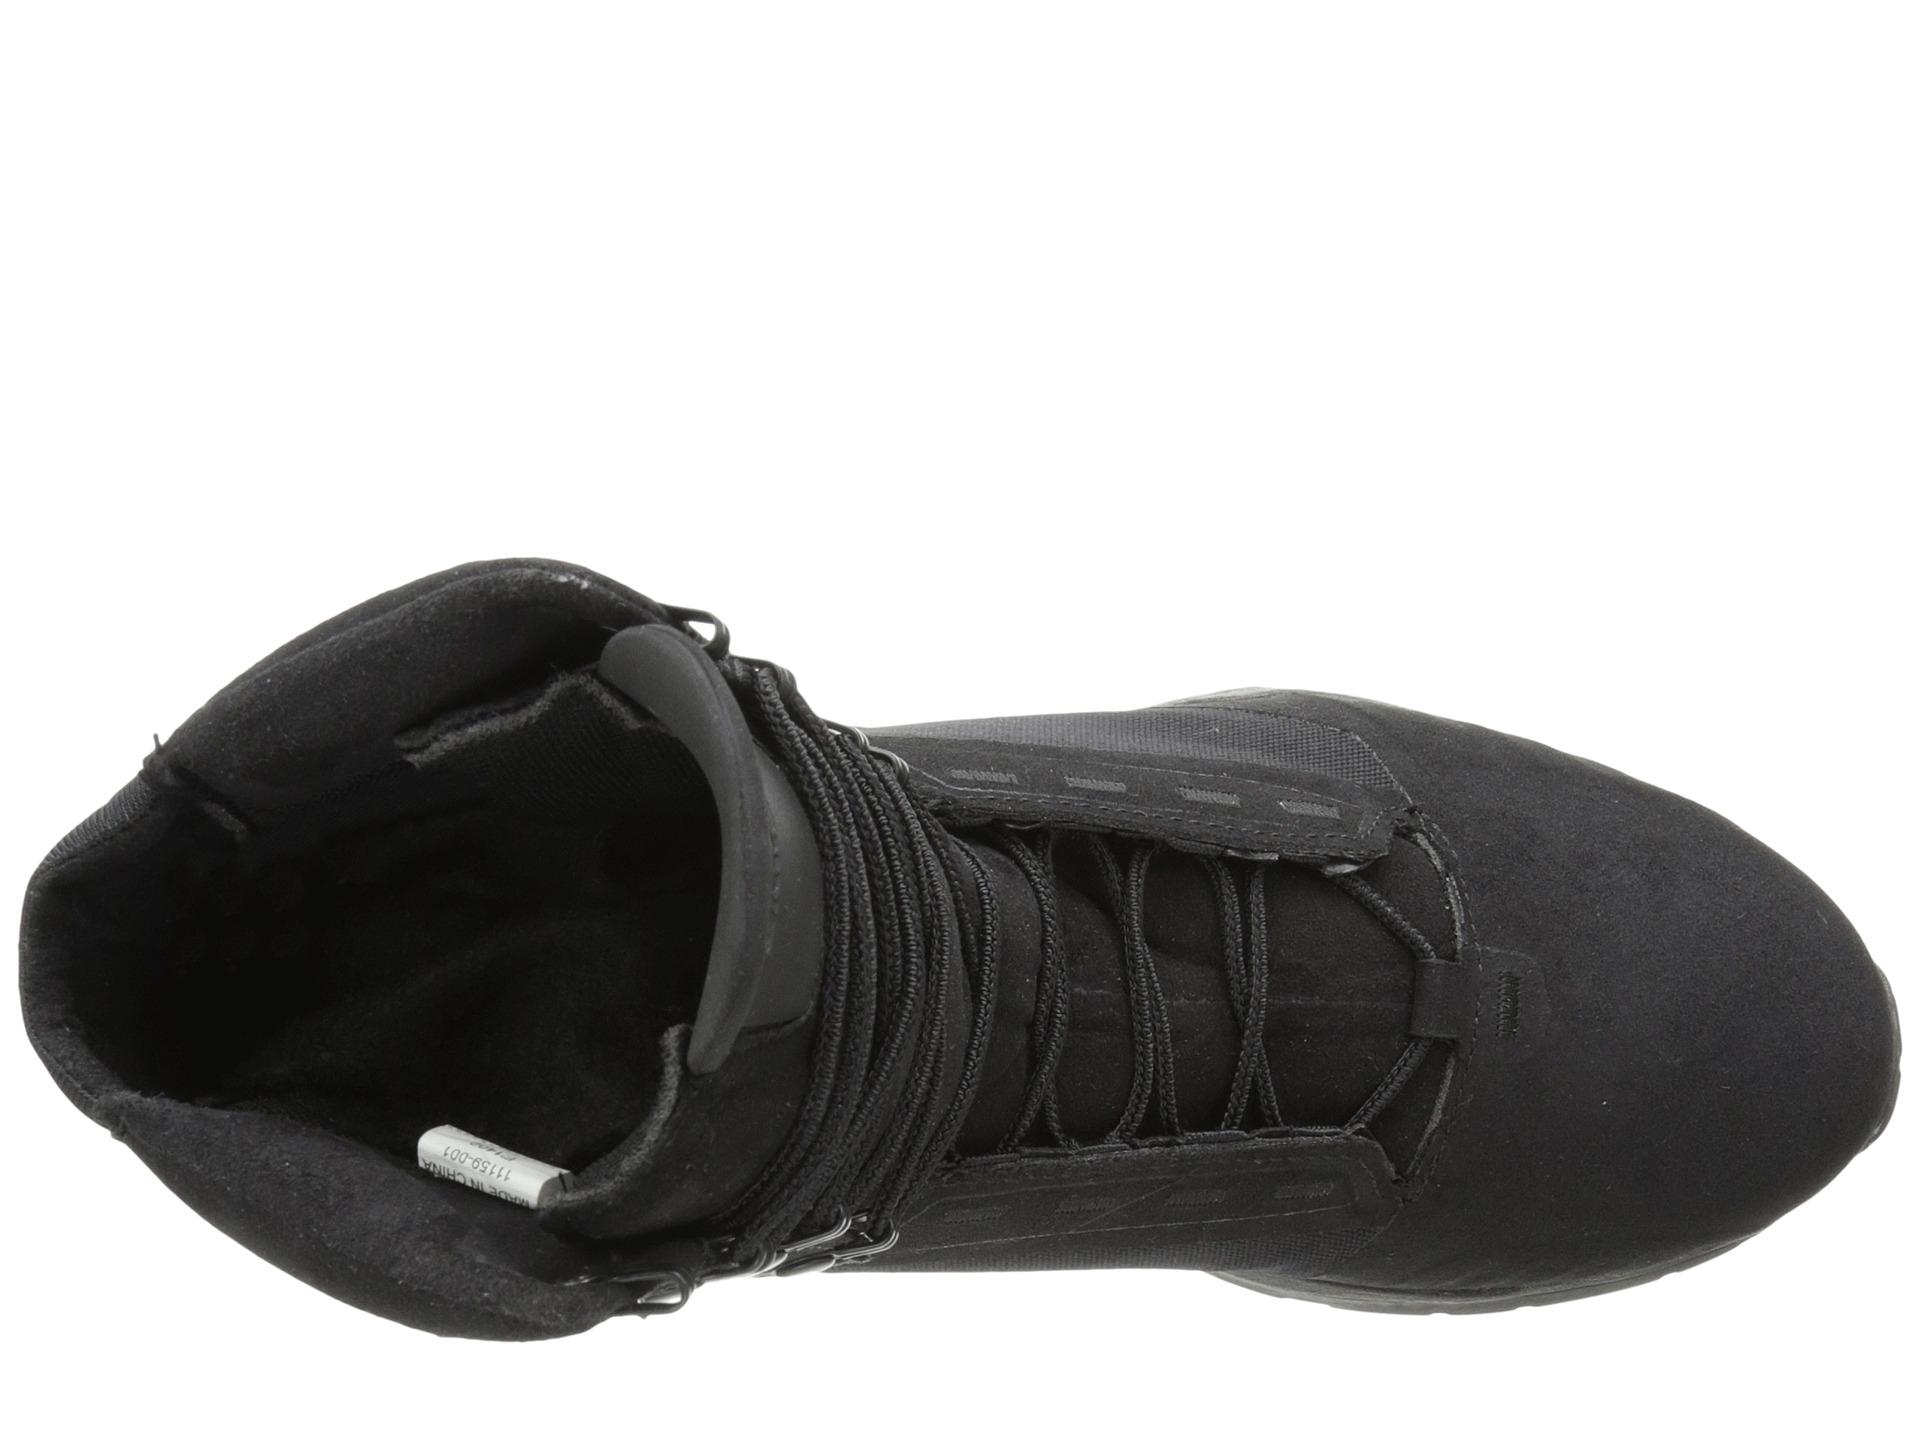 7df62e324c Oakley Boots 6 Inch